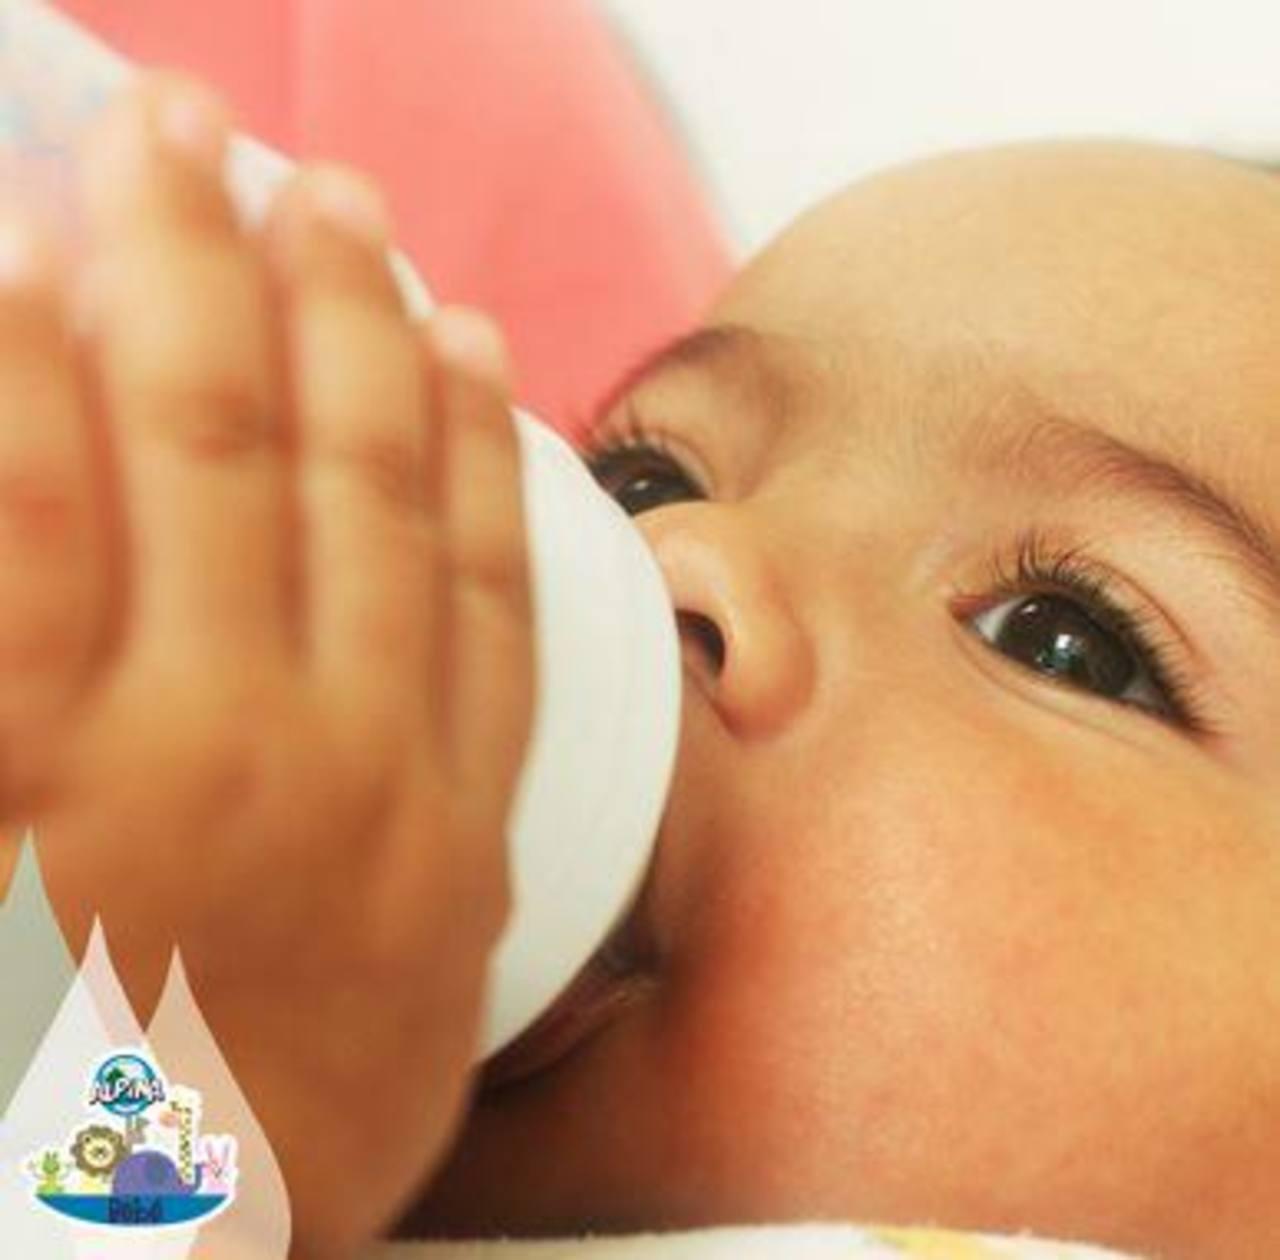 Alpina destaca beneficios de su agua para bebés